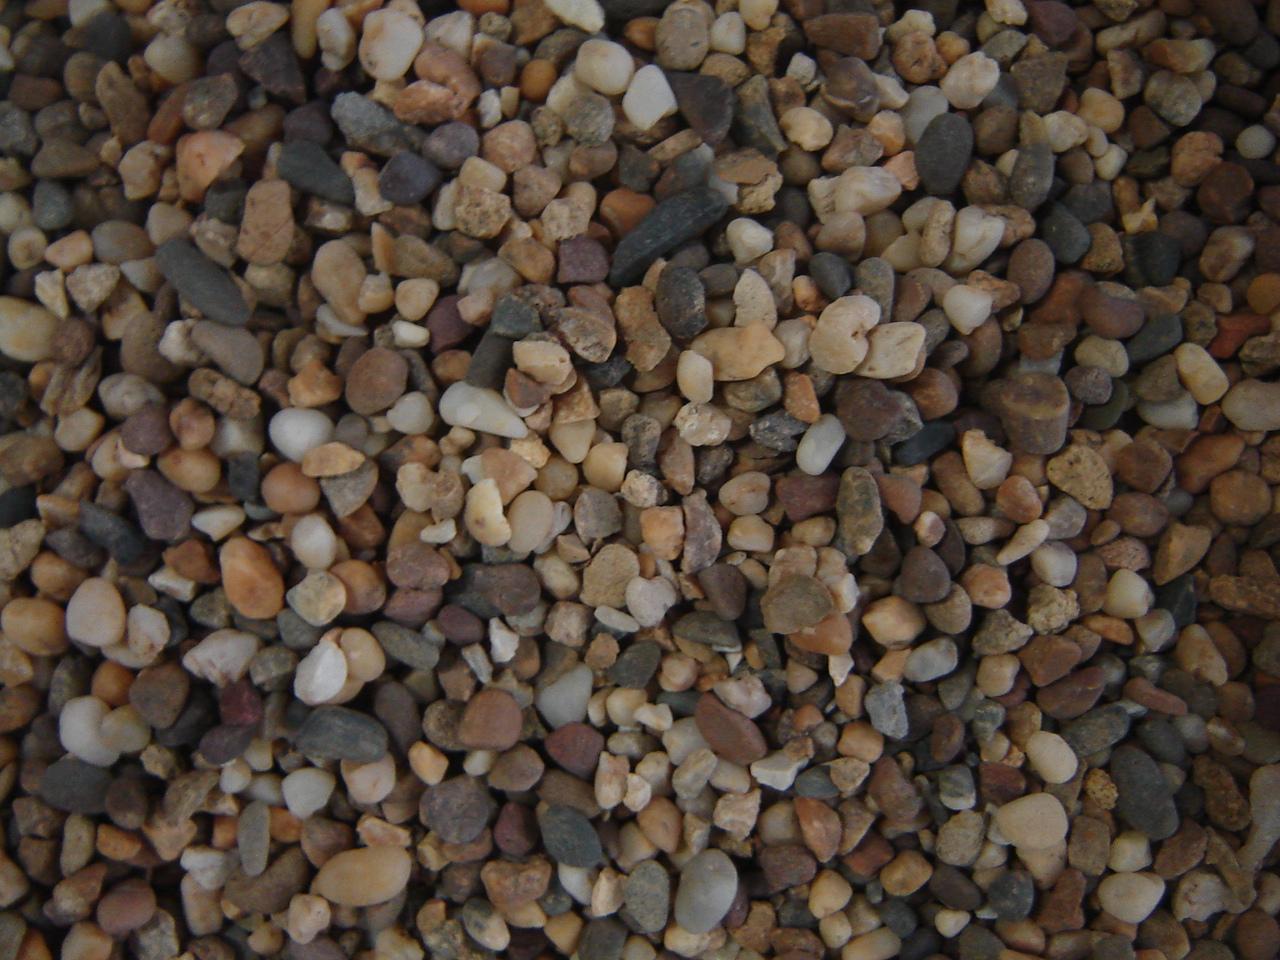 หินนิสรองพื้นสีน้ำตาลสลับ สำหรับตู้ 10 -12 นิ้ว